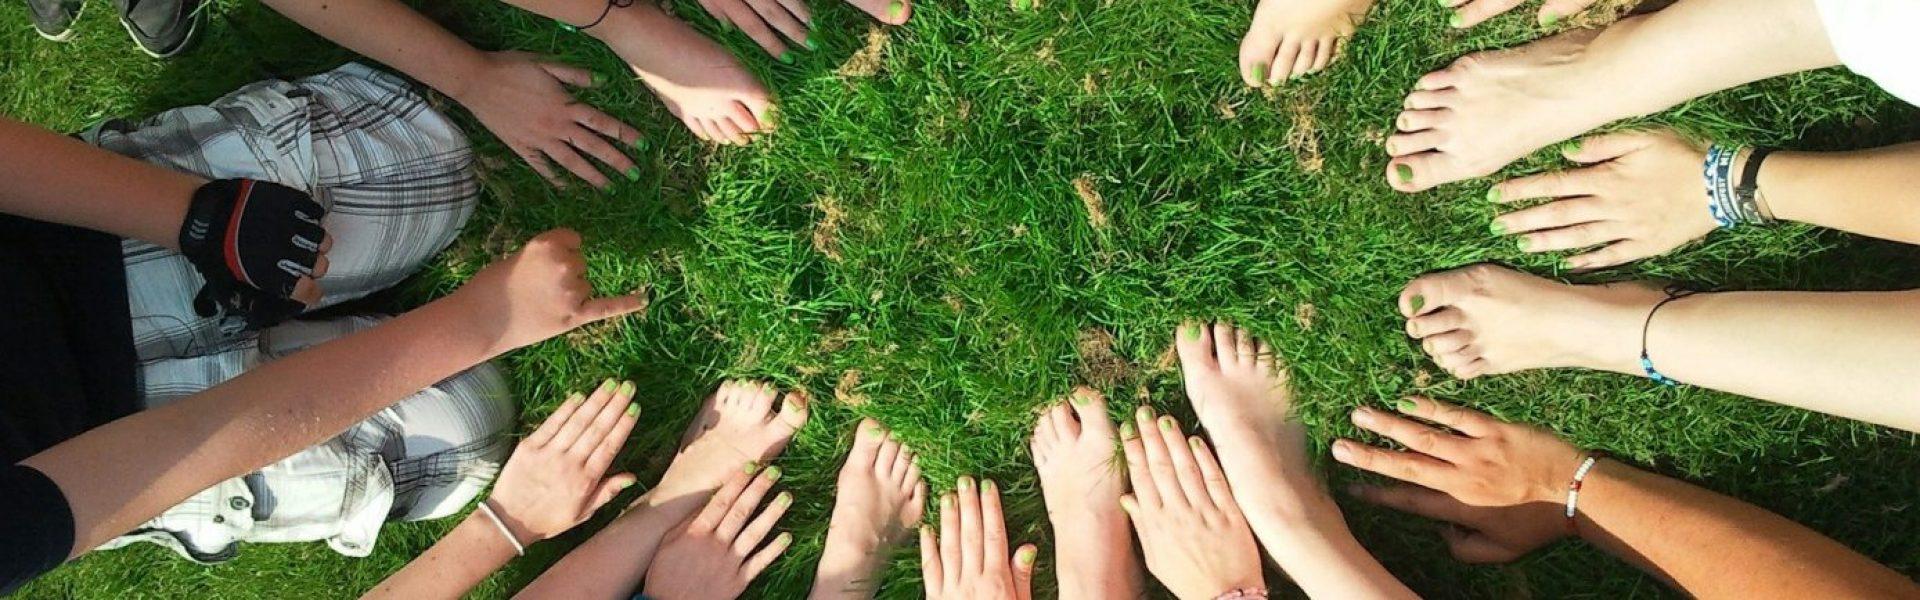 Photo de cohésion pour illustrer le site de l'association Takoda